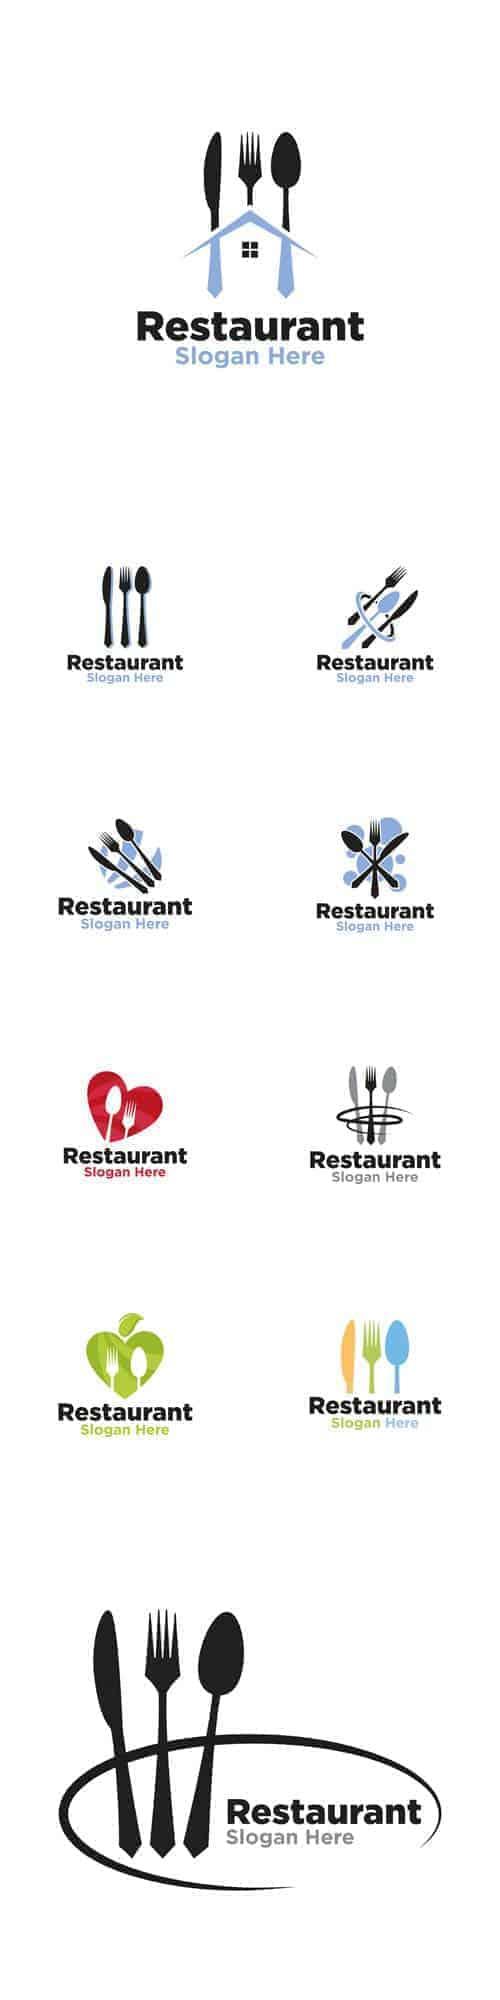 Векторный логотип Ресторана, Творческий дизайн